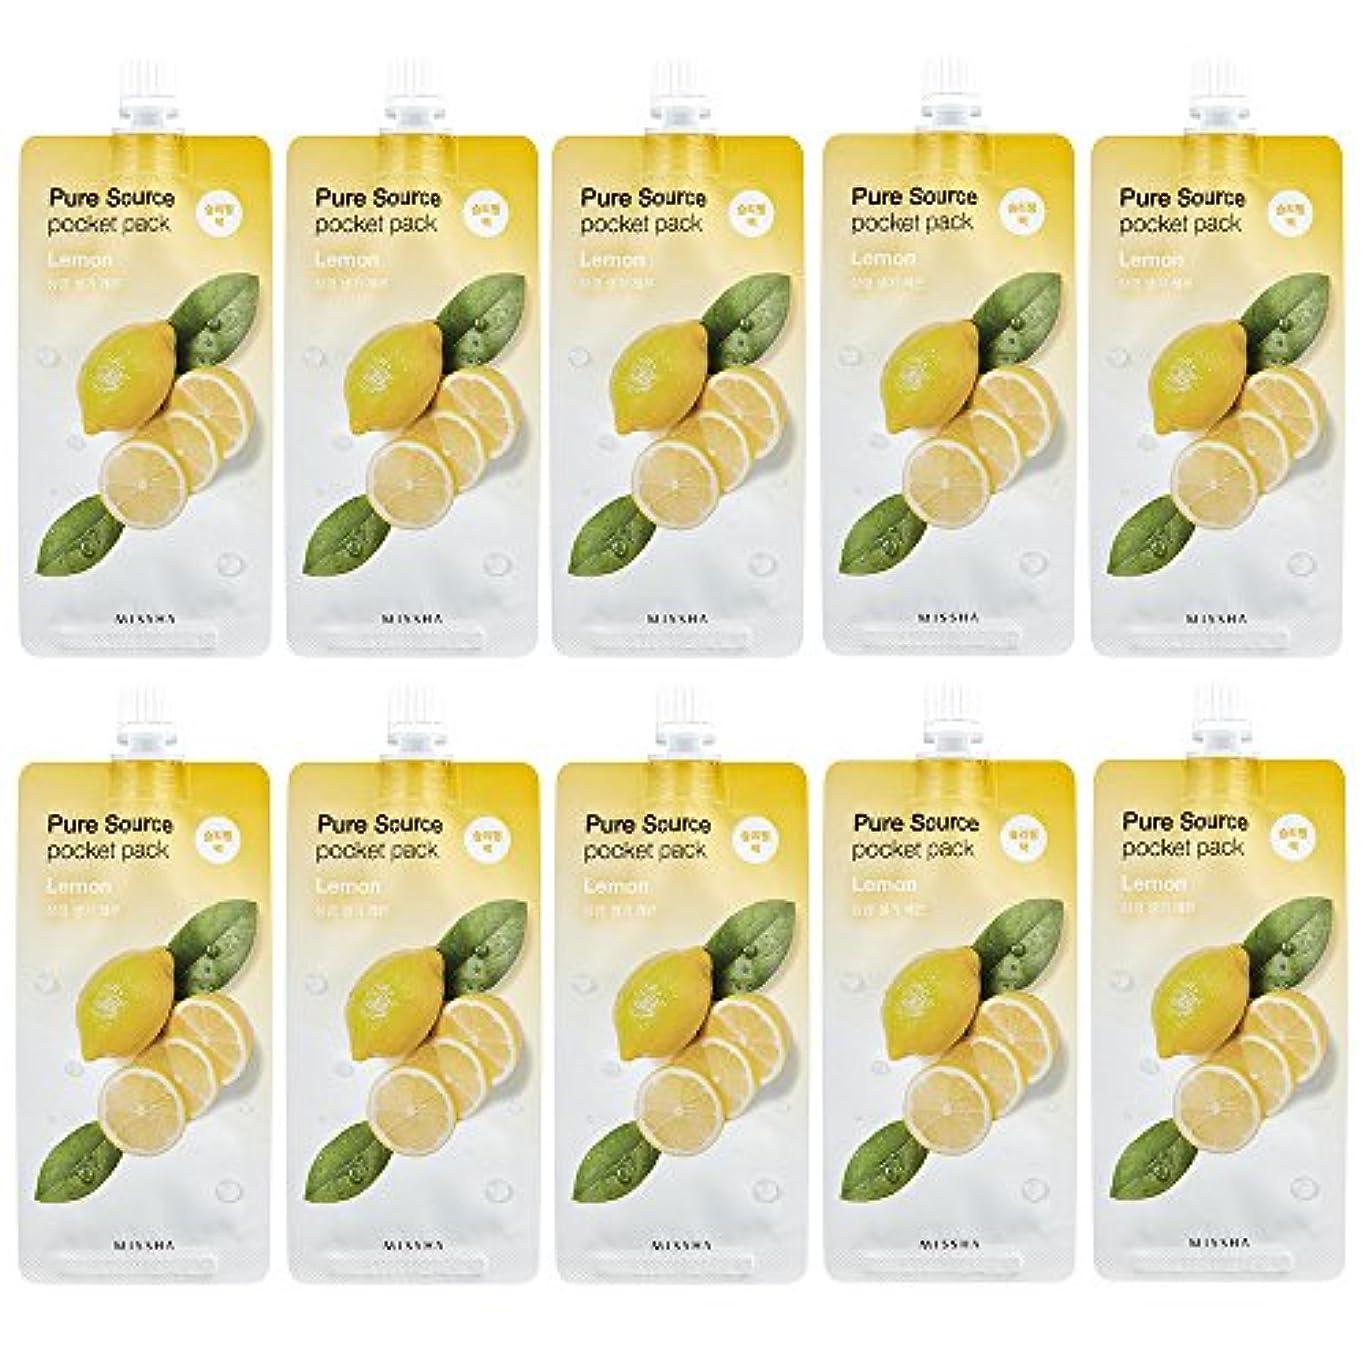 見つけるで出来ている保険をかけるミシャ ピュア ソース ポケット パック 1個 レモン(スリーピングパック)